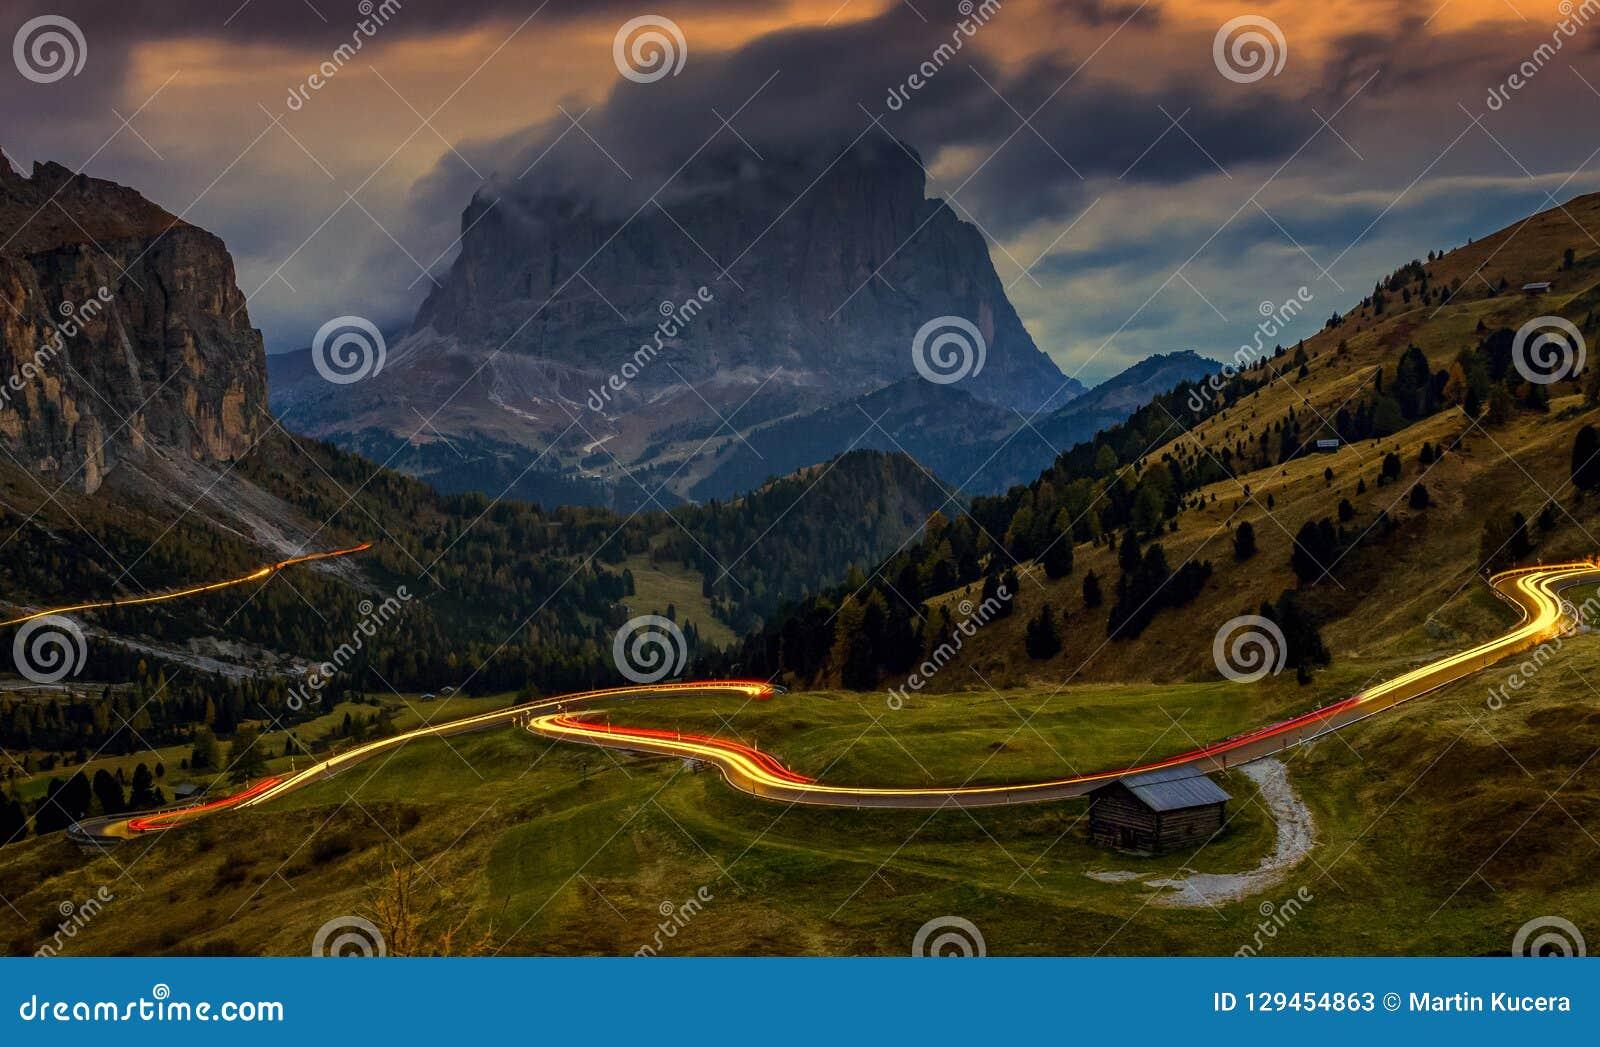 Paisaje en Passo Gardena - hora azul después de la puesta del sol, exposición larga, dolomías, Italia